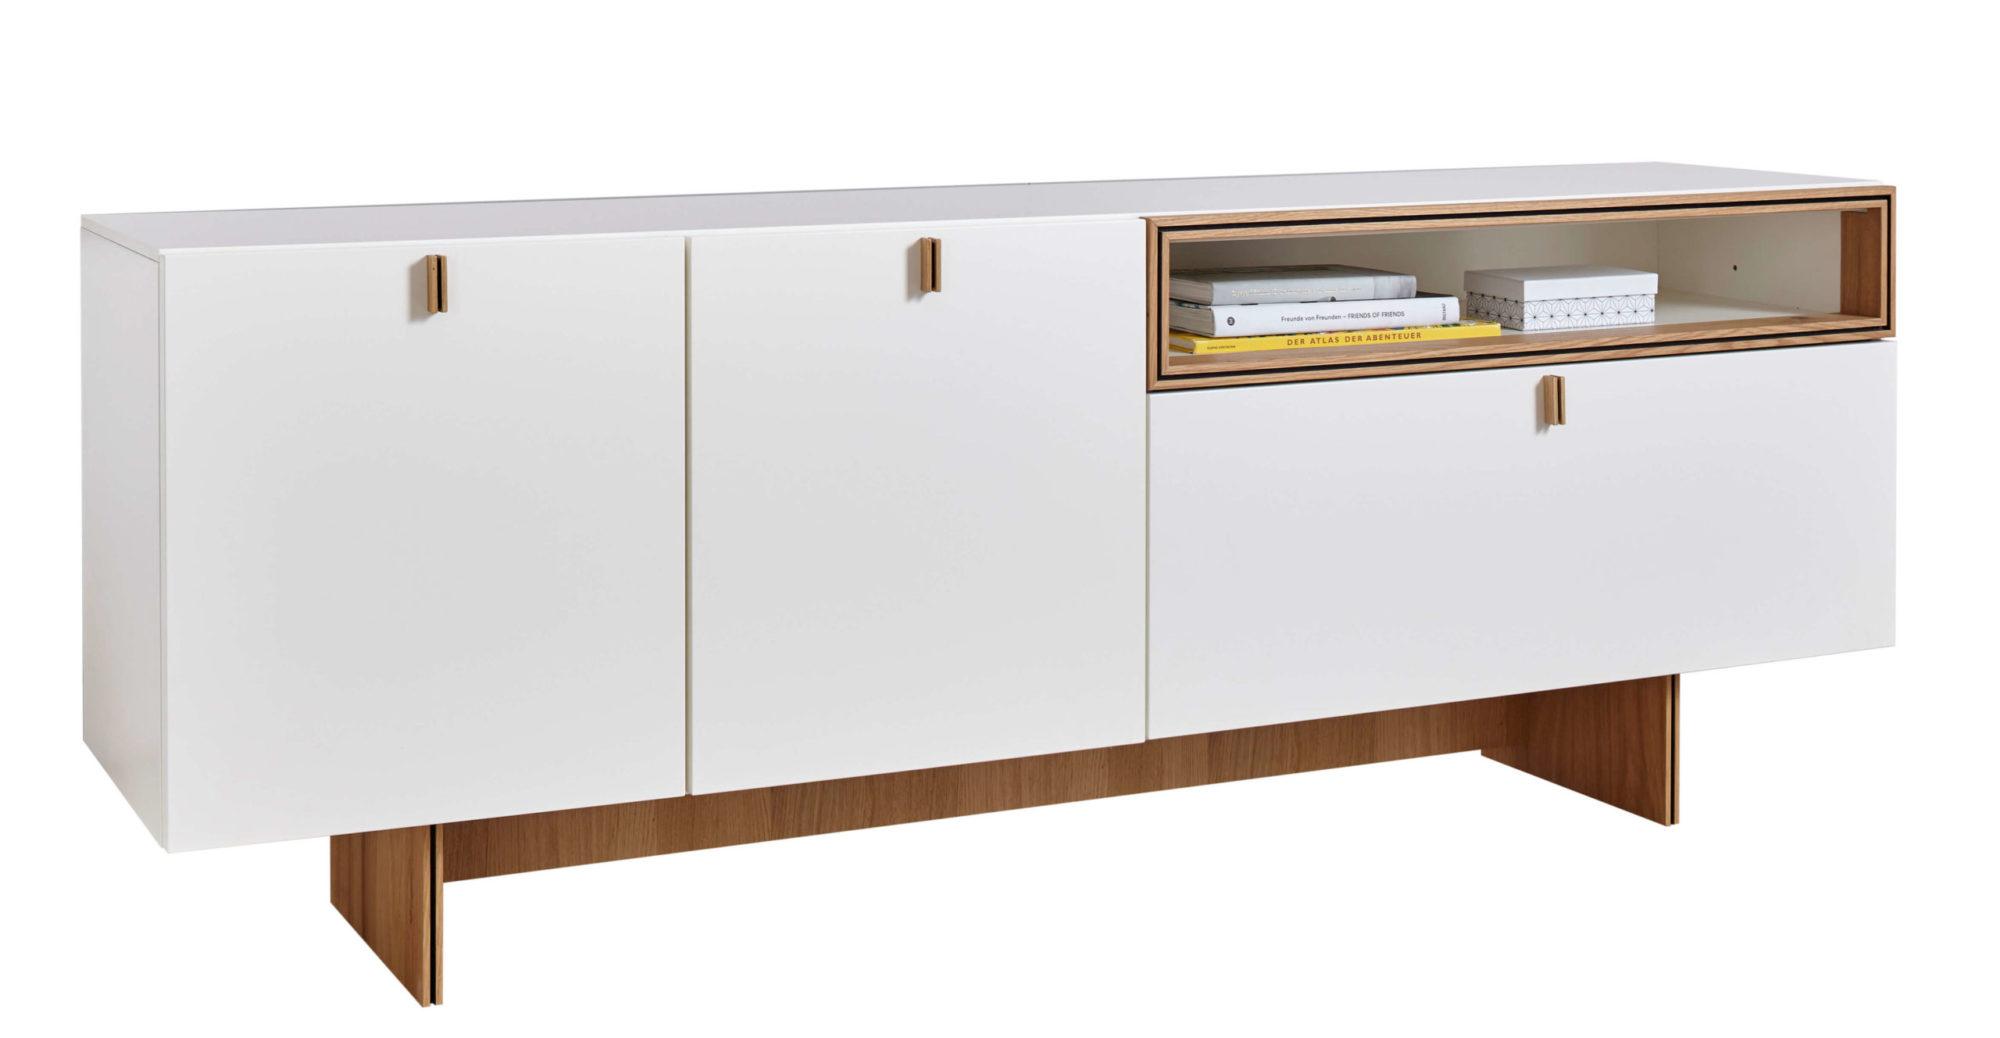 Sideboard im Abverkauf - mit weißen Fronten und Absetzungen in Eiche